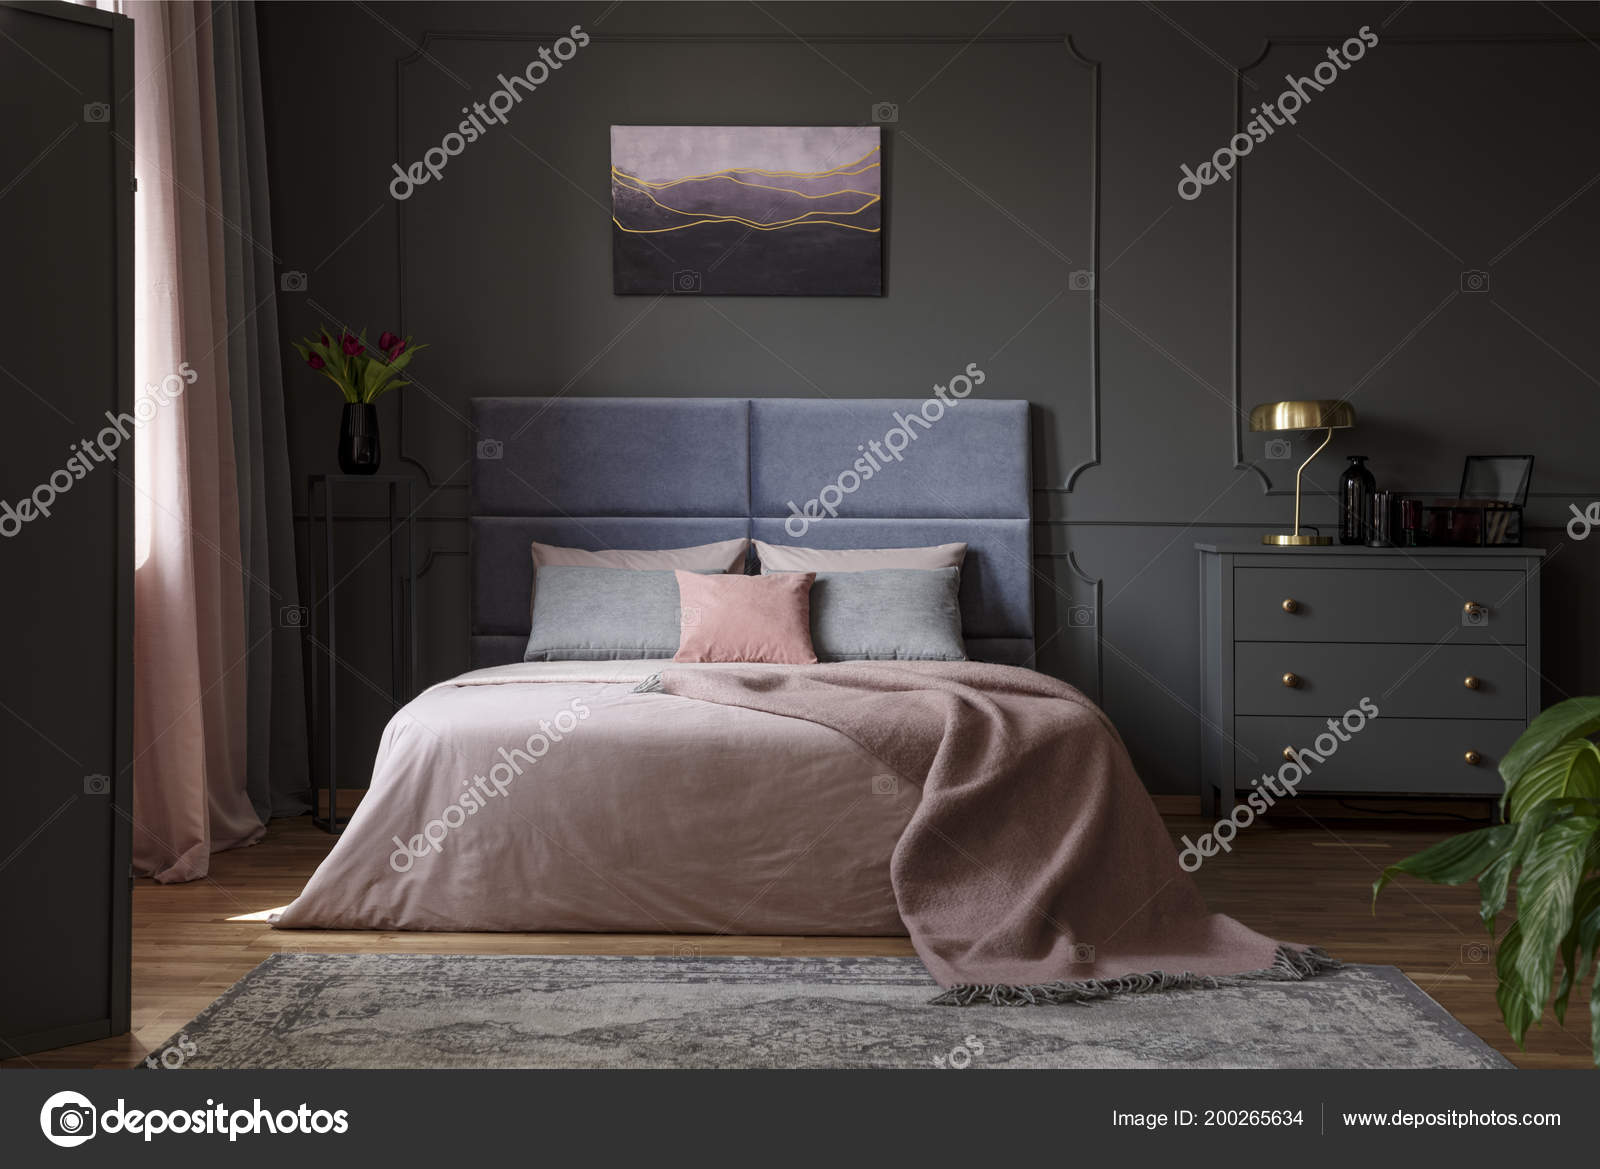 Pastel Blauw Slaapkamer : Pastel deken bed roze blauwe slaapkamer interieur met gouden lamp